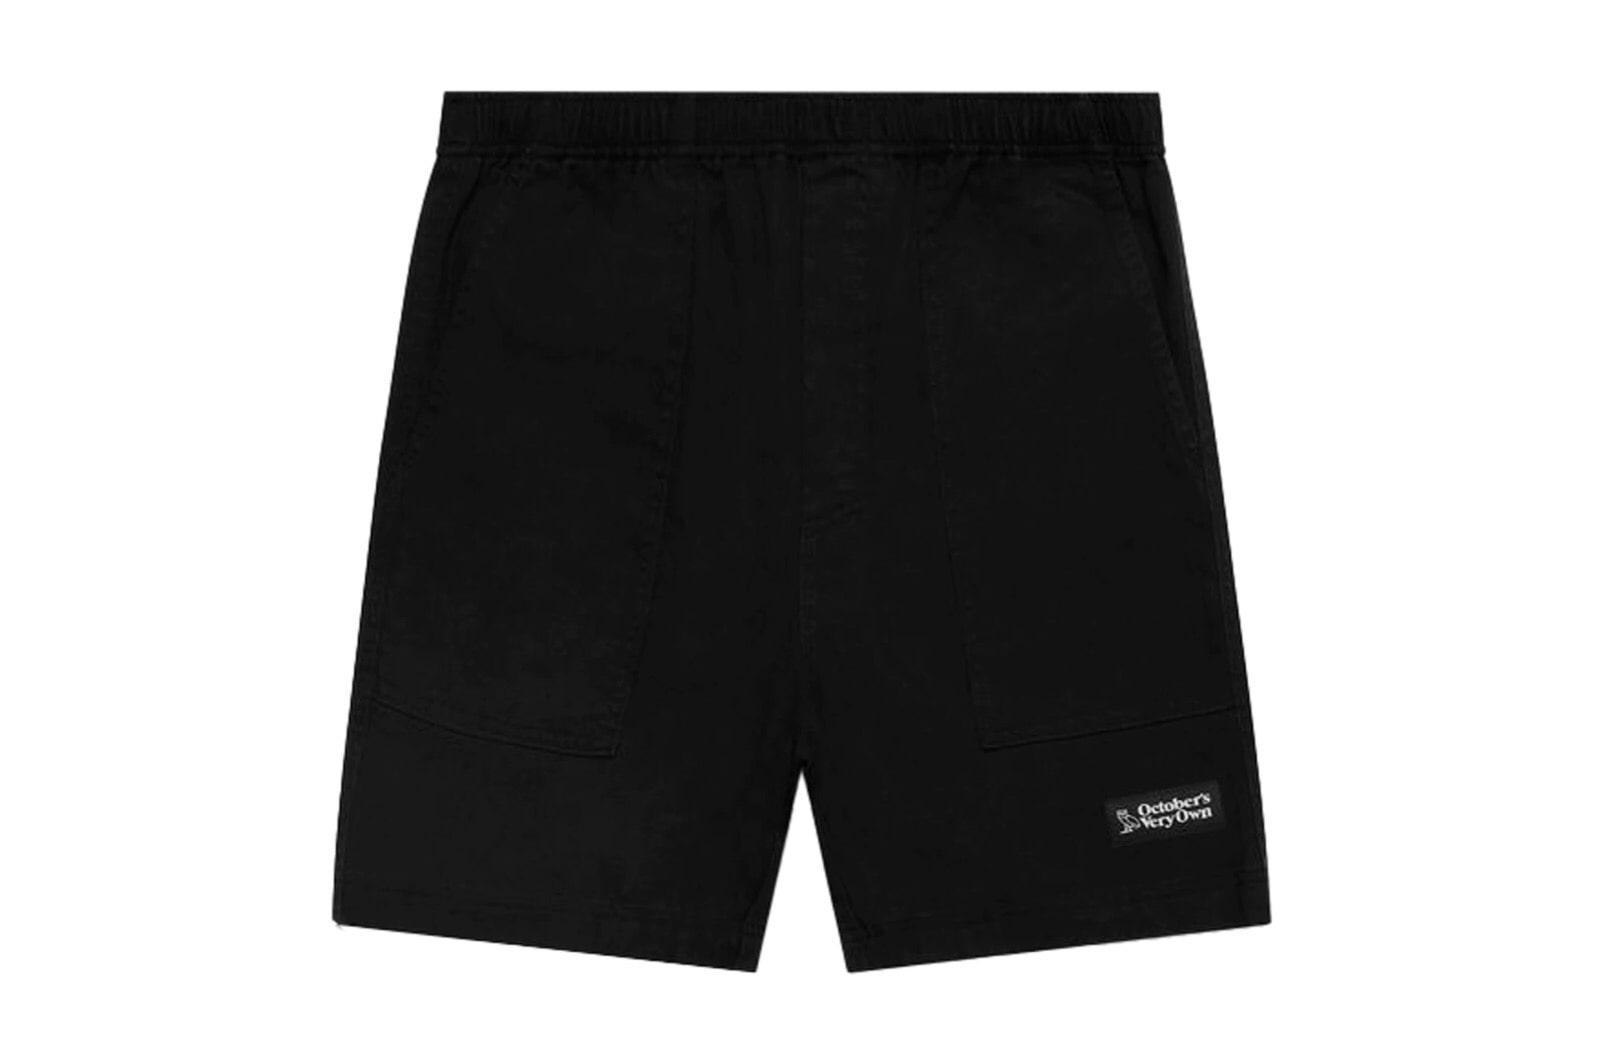 slide 1 - Fatigue Black Short